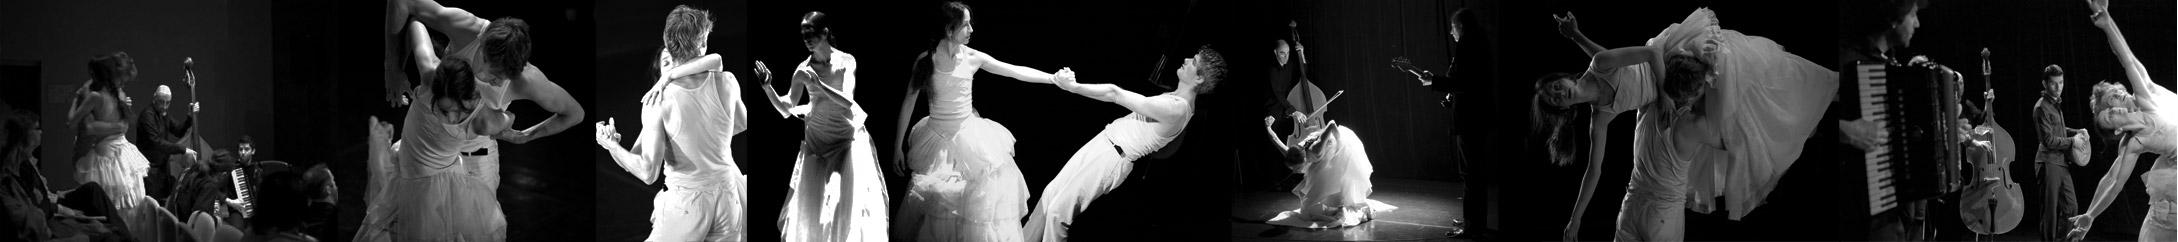 Mariage ? ou Le ciel s'est dérobé sous mes pieds… création 2009 - cliquer pour accéder à l'album couleur de la représentation en théâtre !